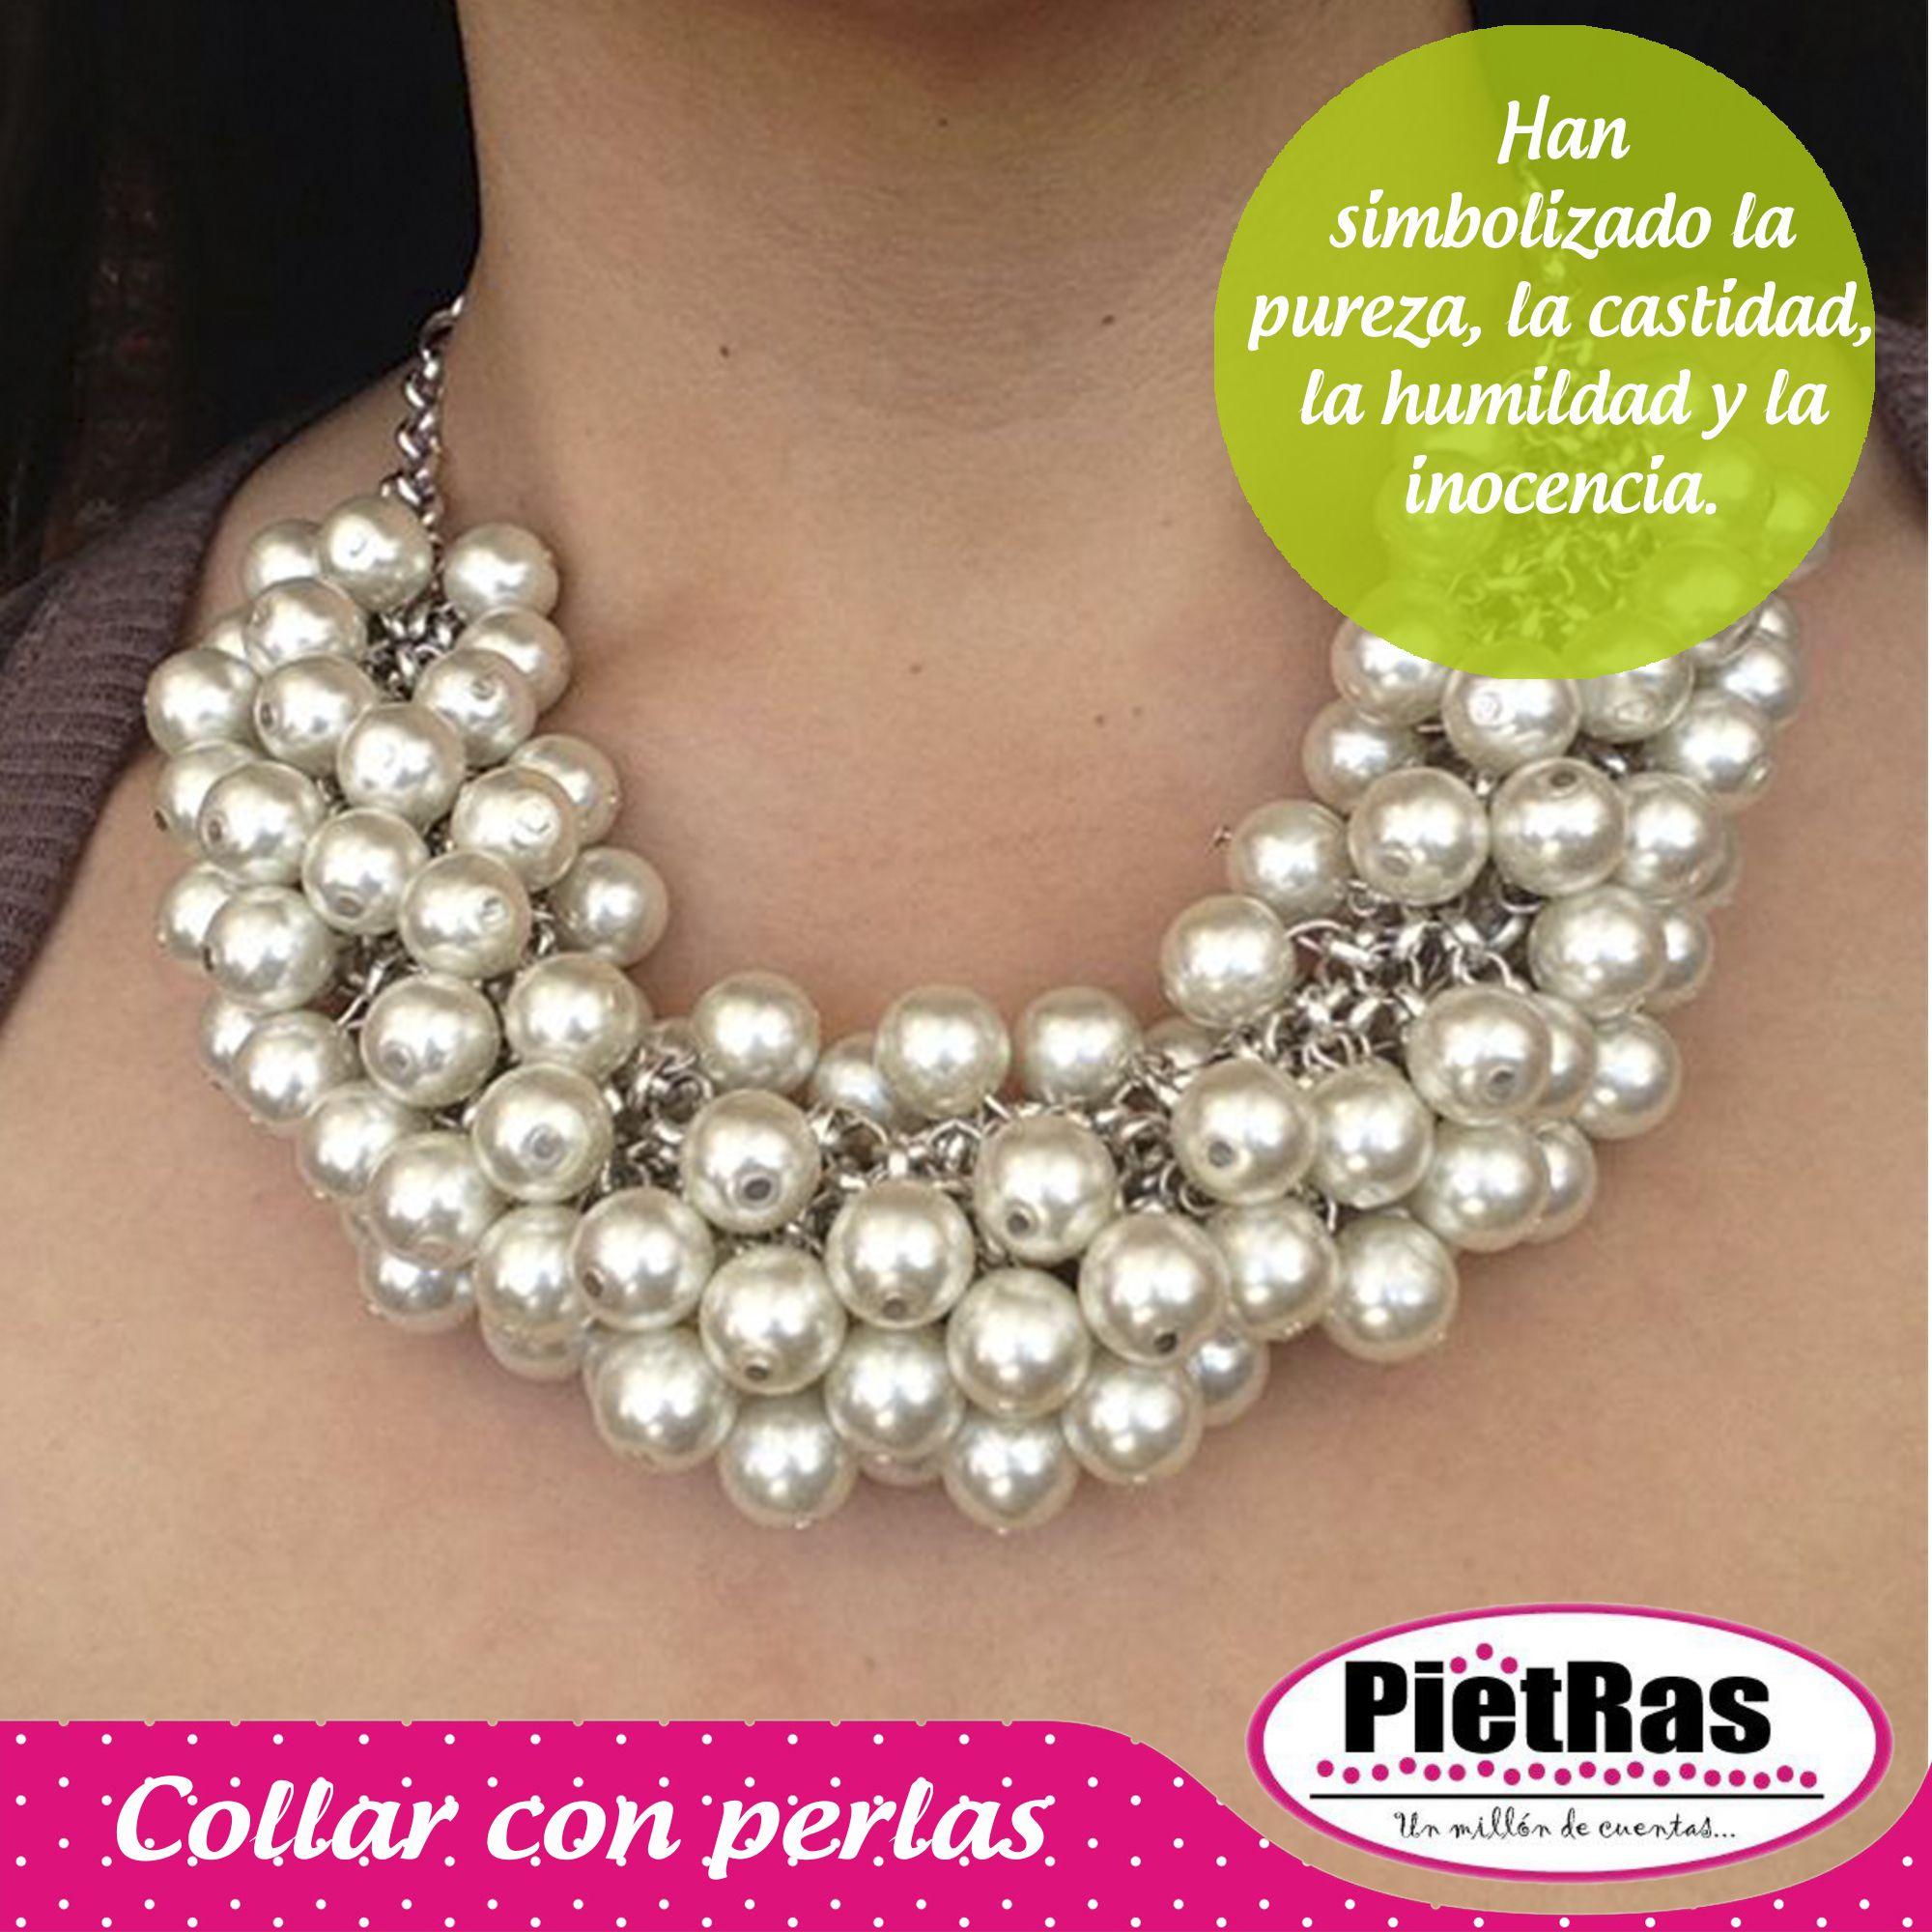 63a5194ef1c3 Luciendo increíble con este collar de perlas ¿qué les parece usarlo esta  noche